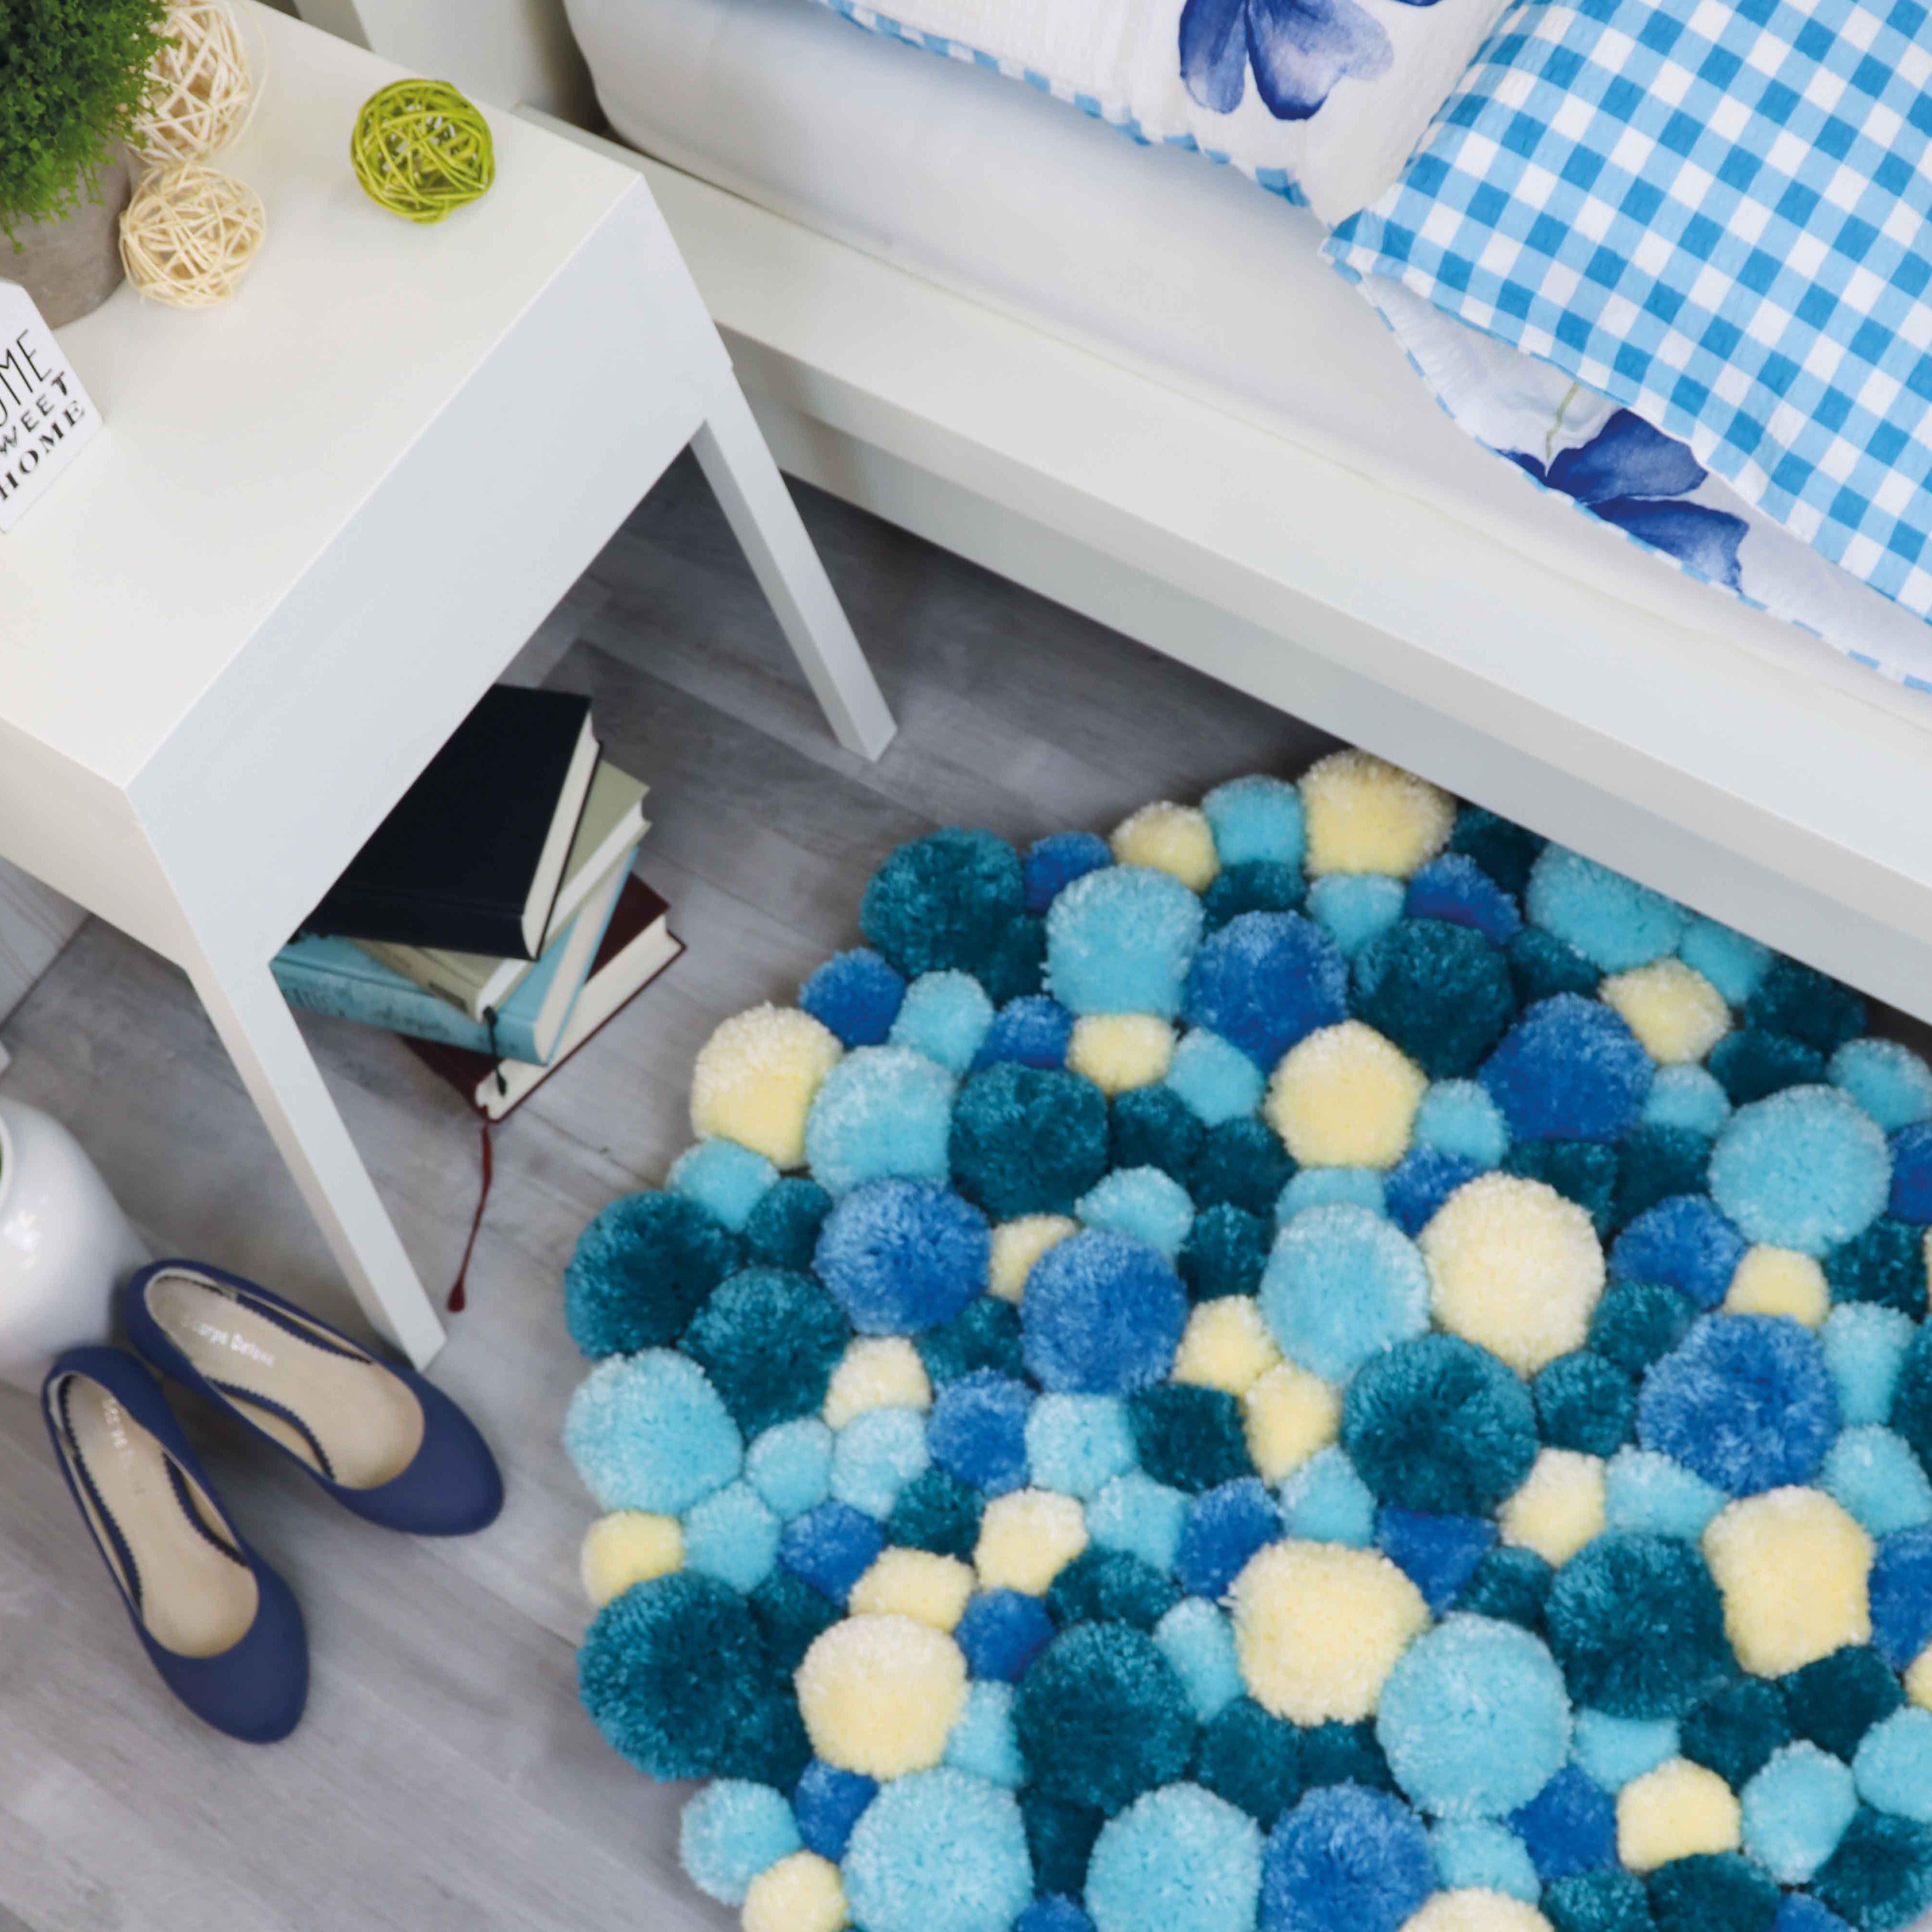 pompom teppich in verschiedenen blaut nen selber machen detallierte step by step anleitung. Black Bedroom Furniture Sets. Home Design Ideas